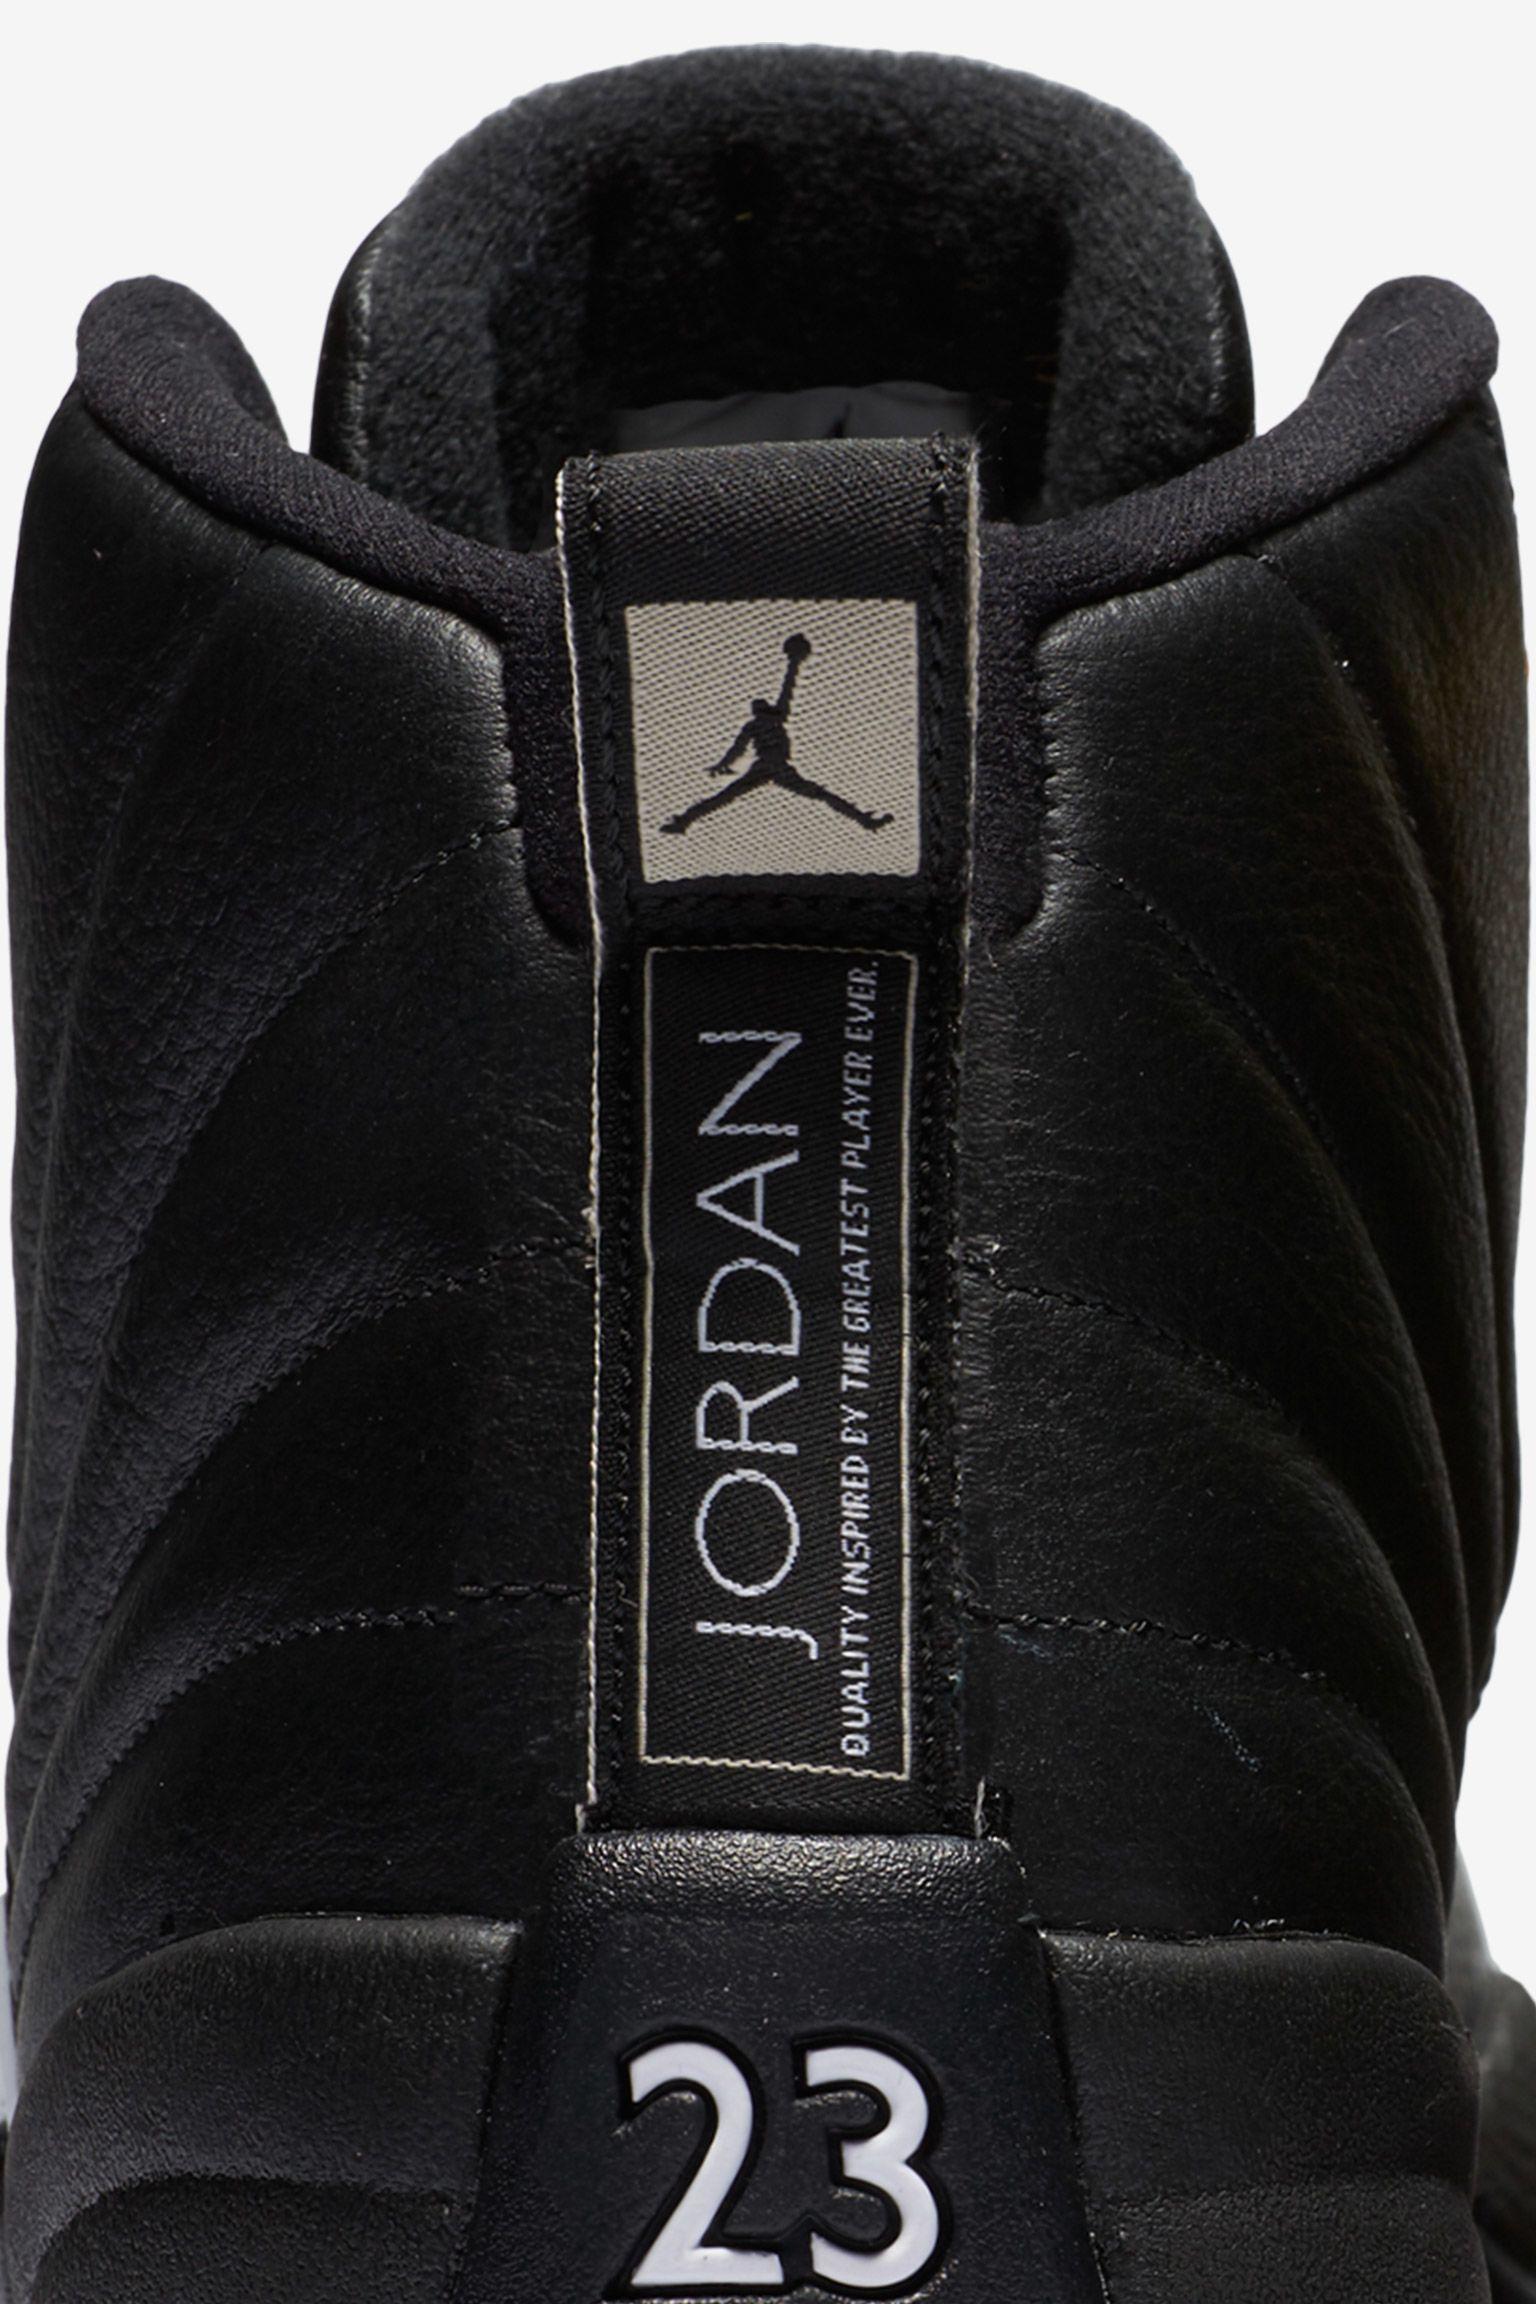 Air Jordan 12 Retro 'The Master' Release Date